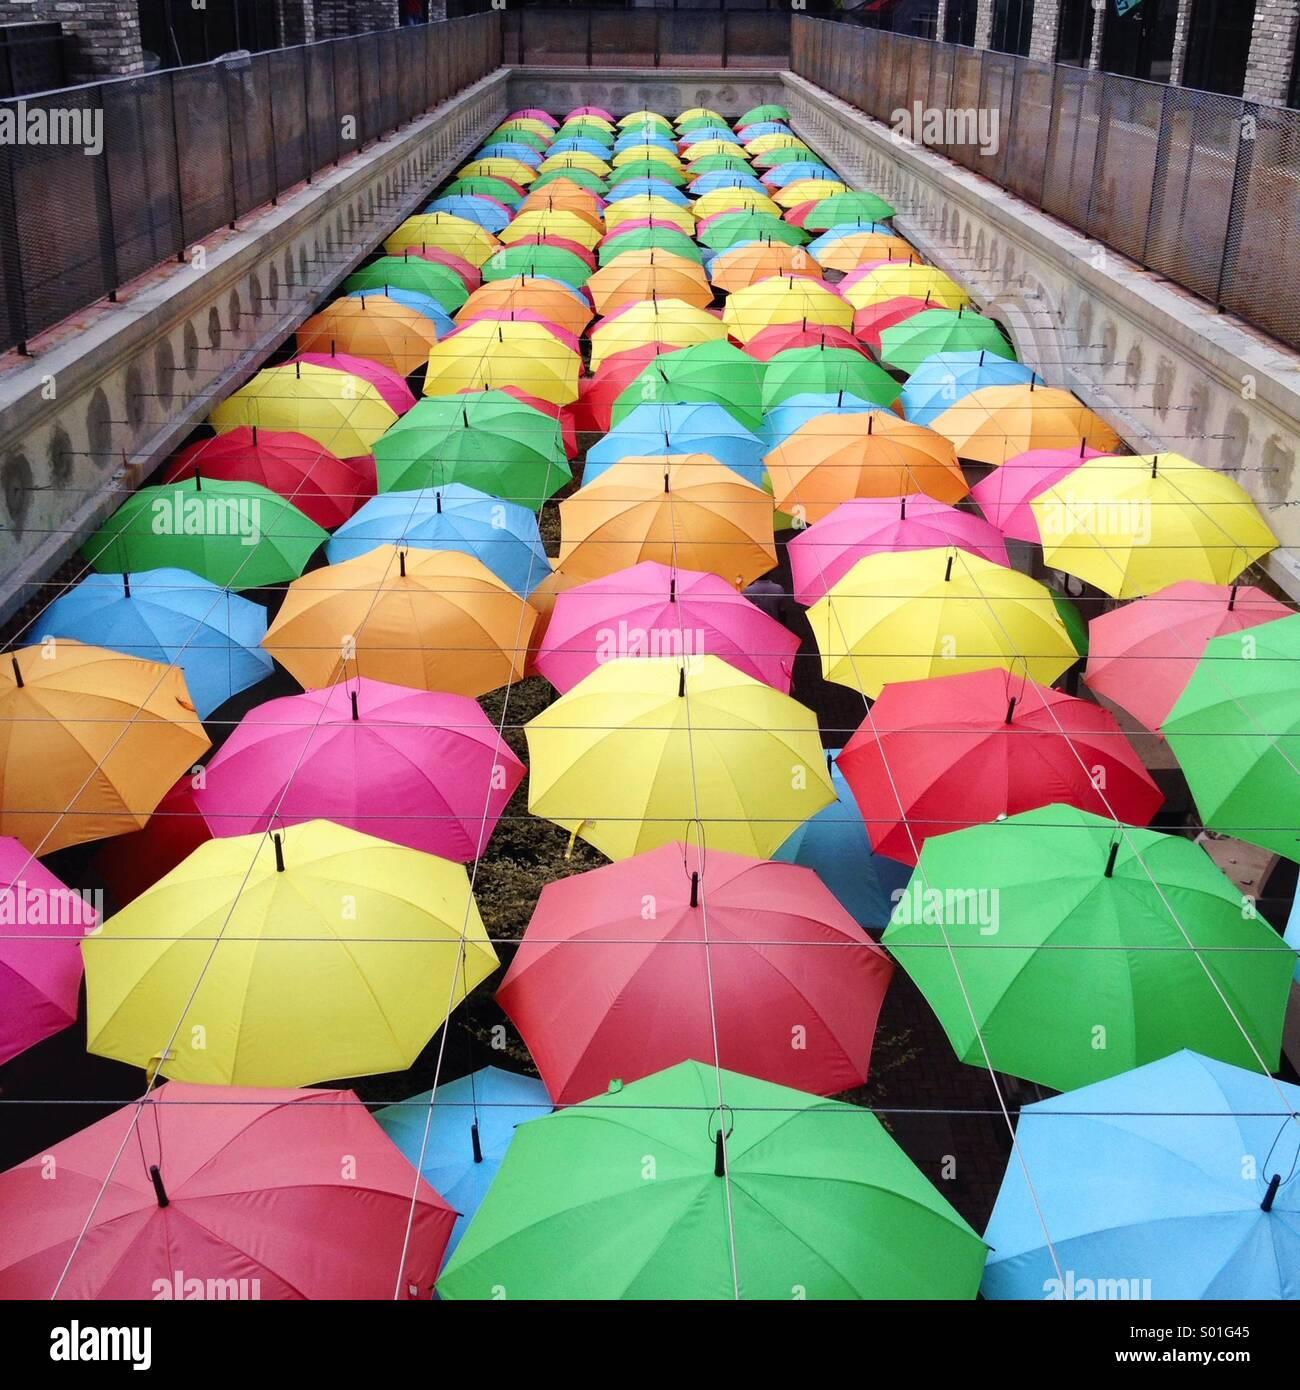 Dekoration von Regenschirmen Stockbild